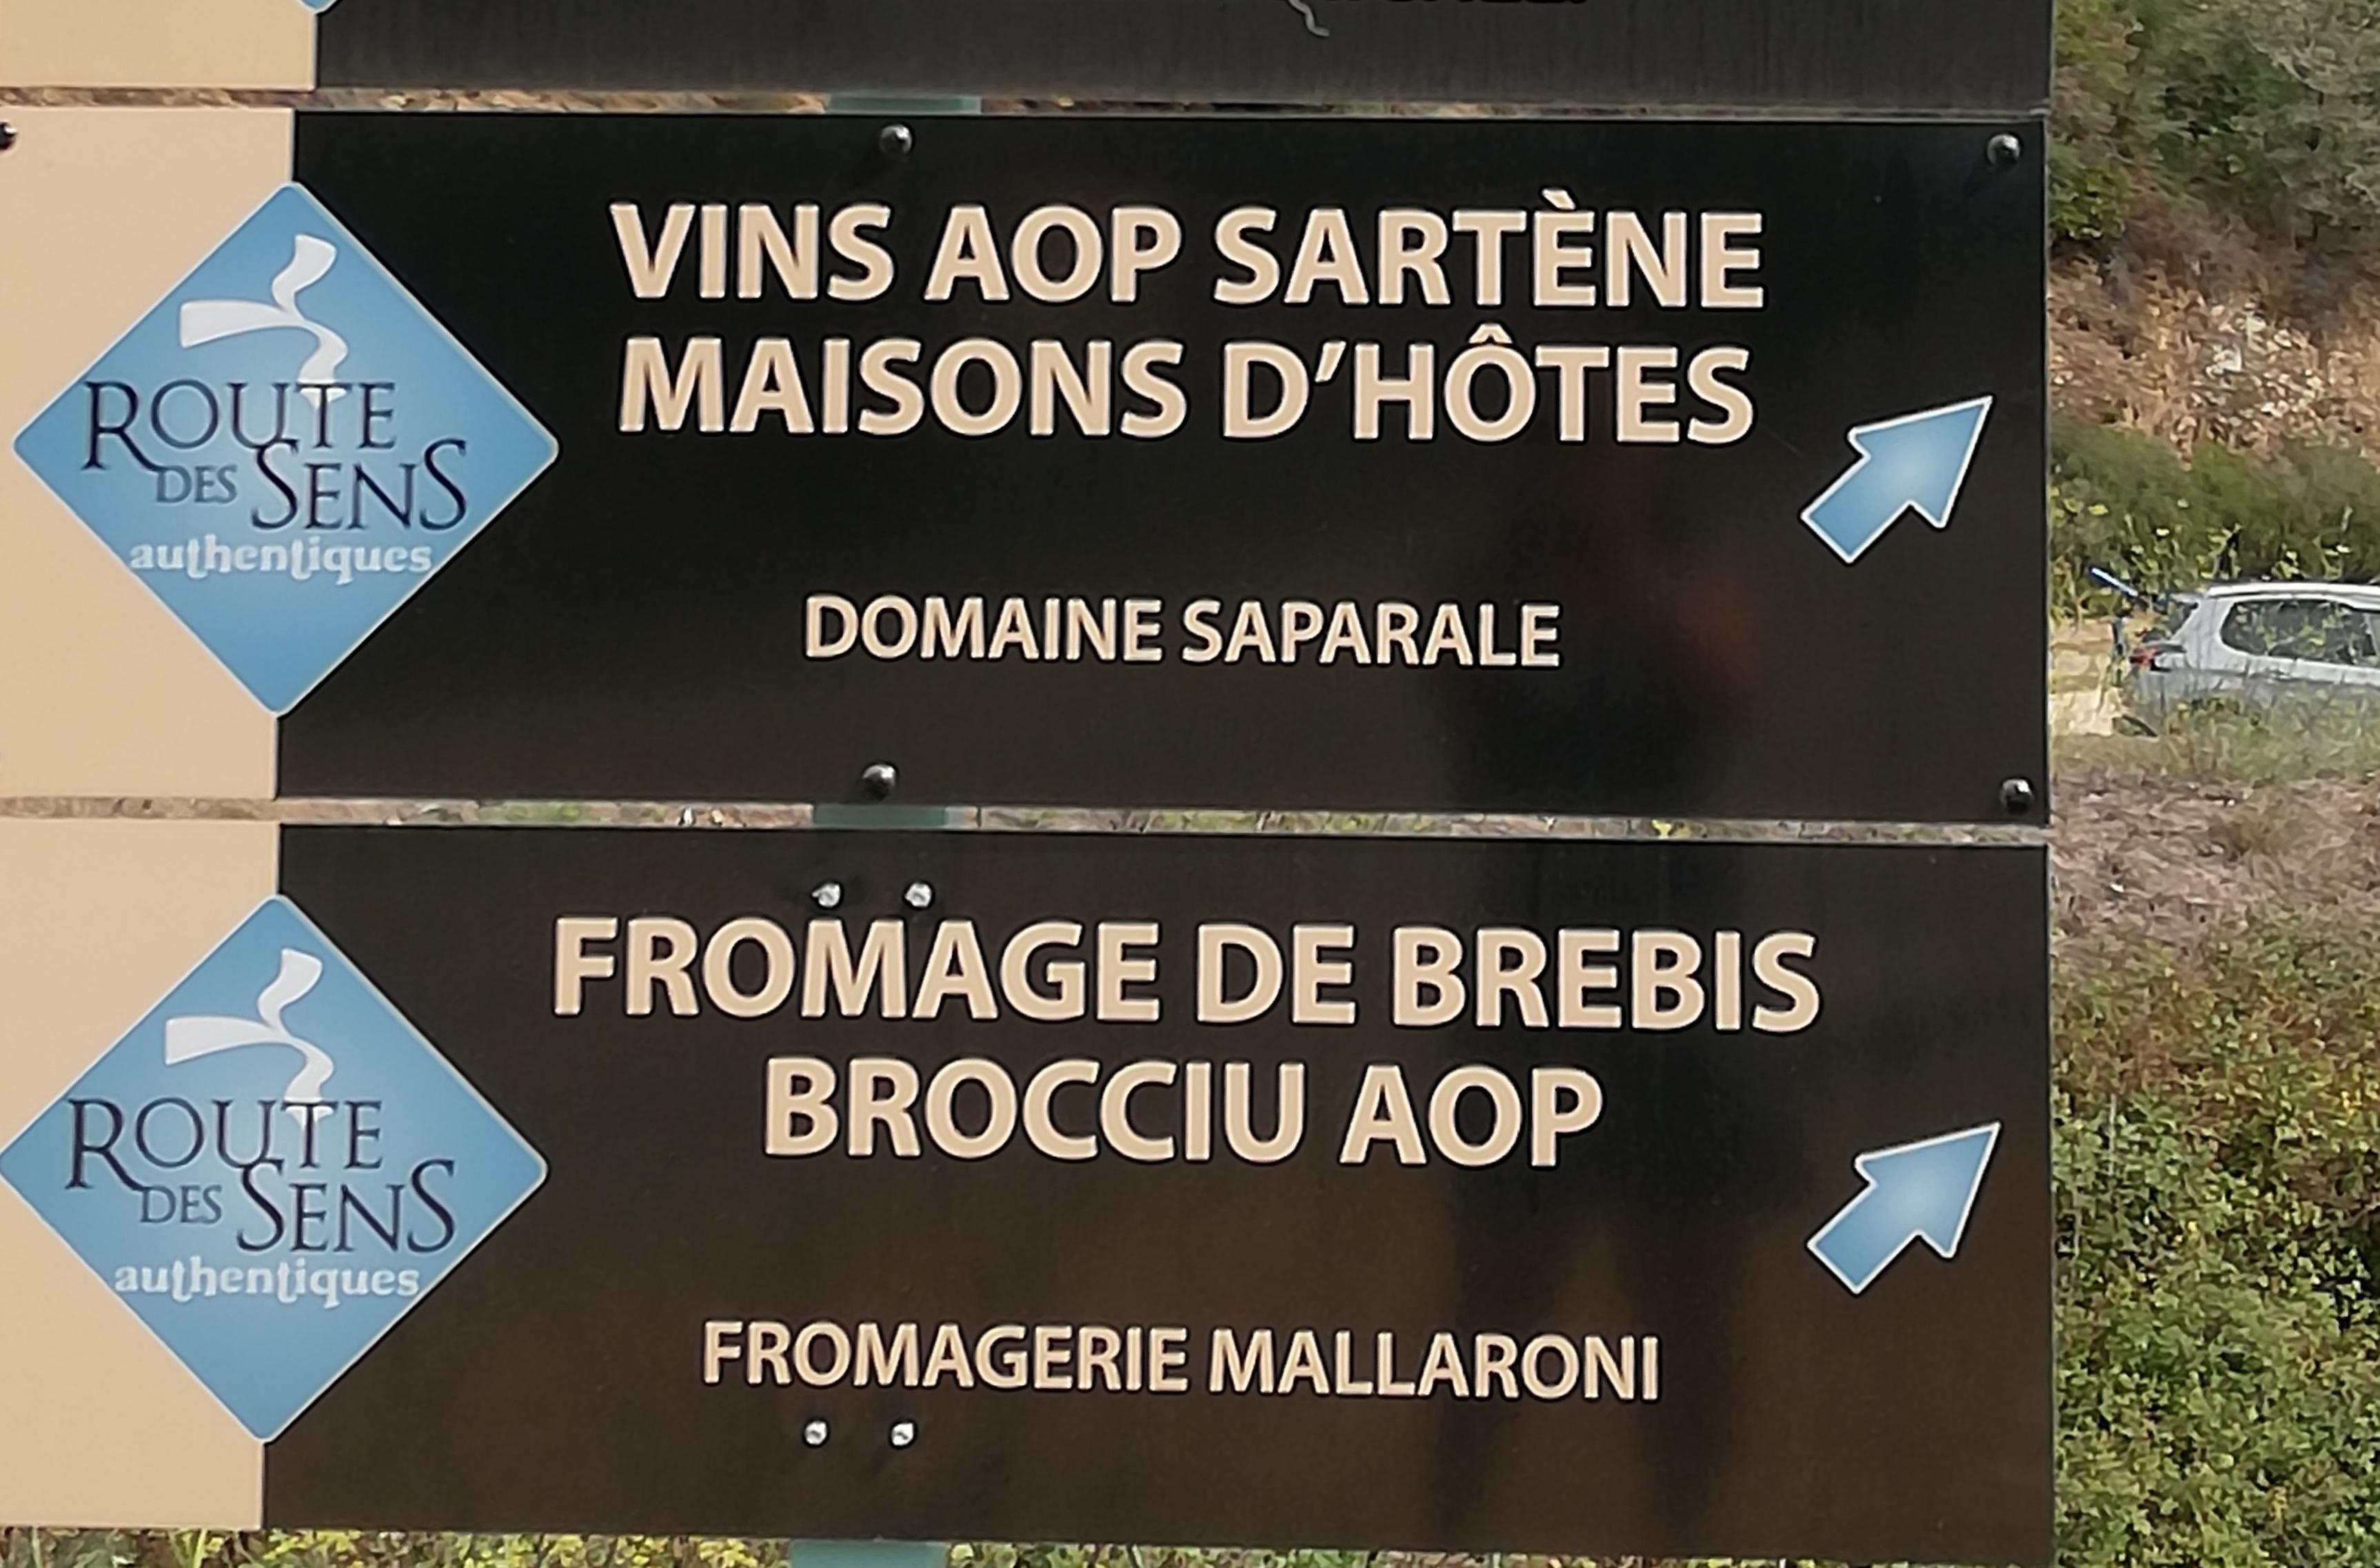 Panneau Route des sens Corse.